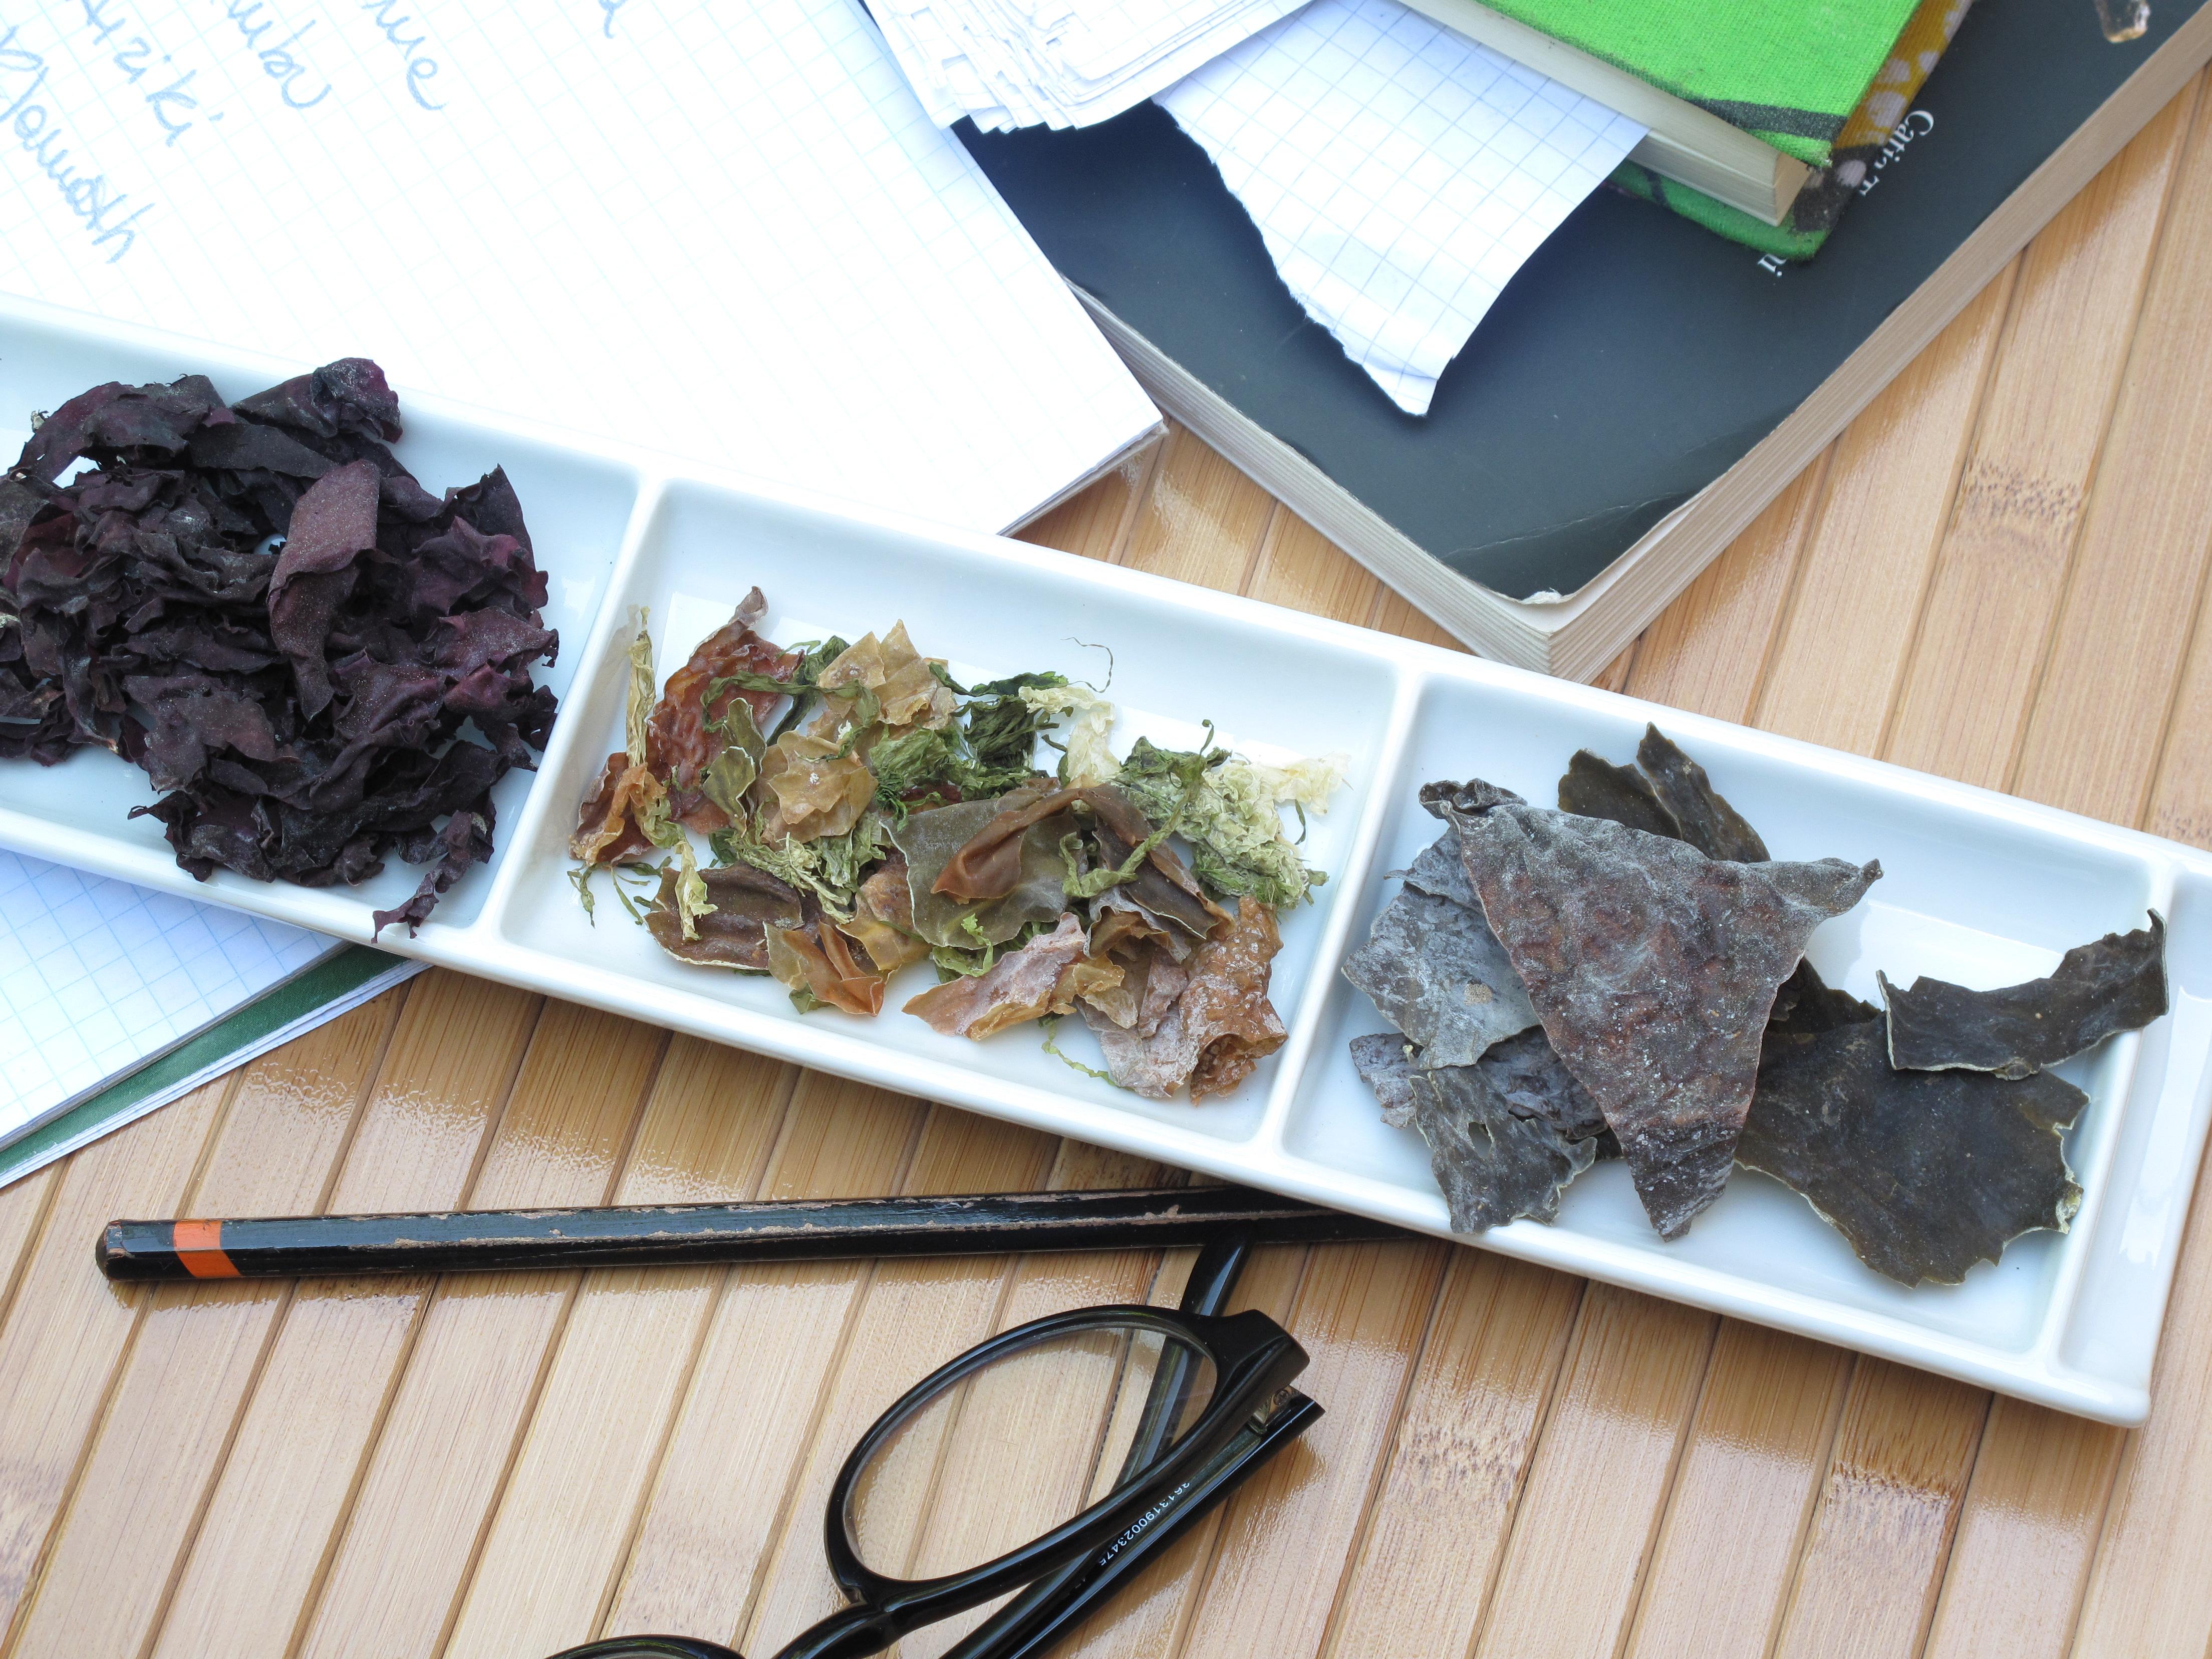 Le alghe benessere in cucina cucina che passione - Alghe in cucina ...